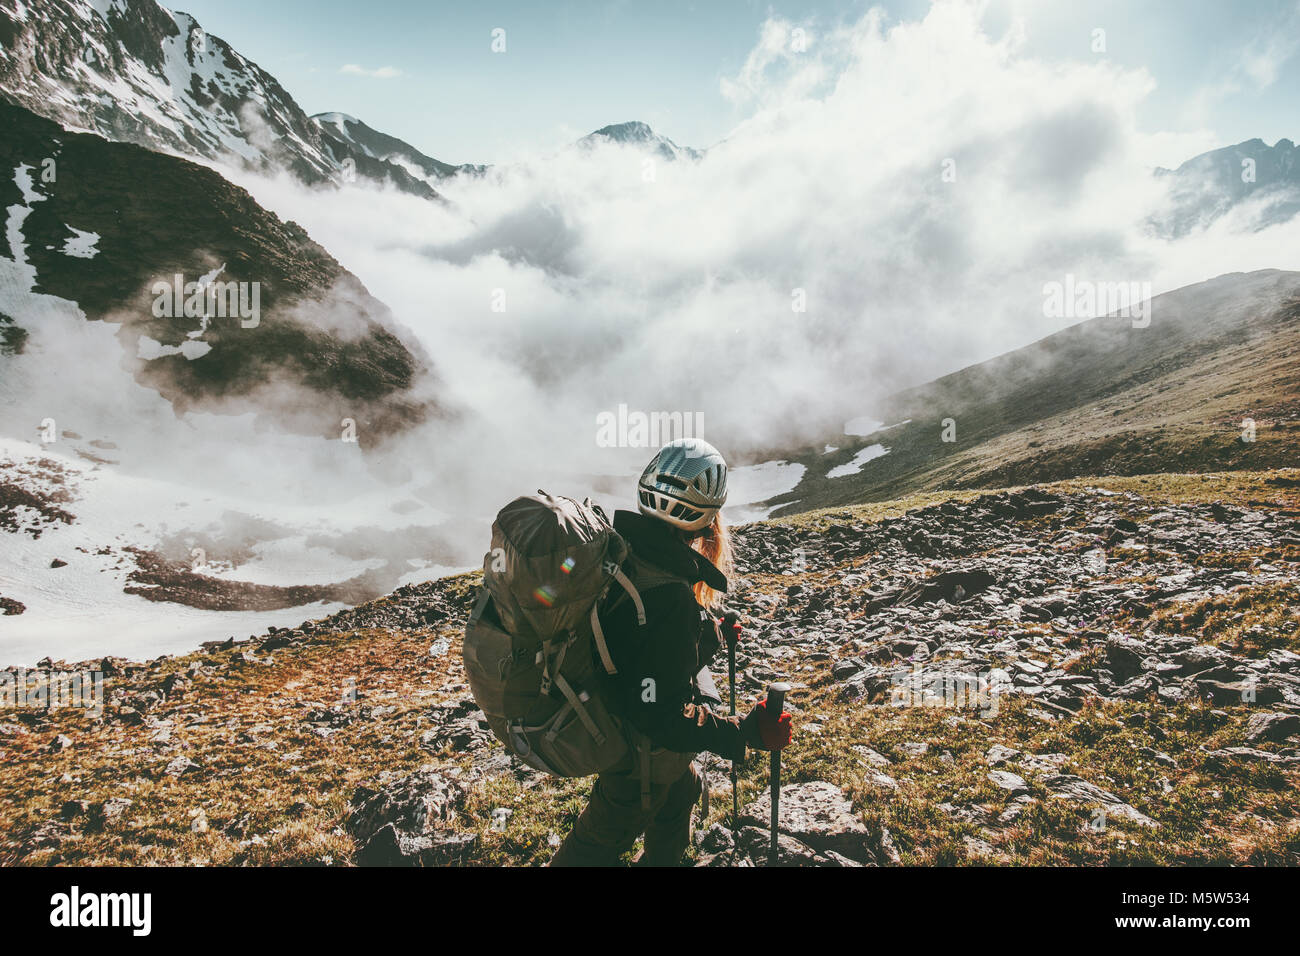 Mujer senderismo en las montañas brumosas Viajes Vida sana aventura concepto activa vacaciones de verano deporte Imagen De Stock